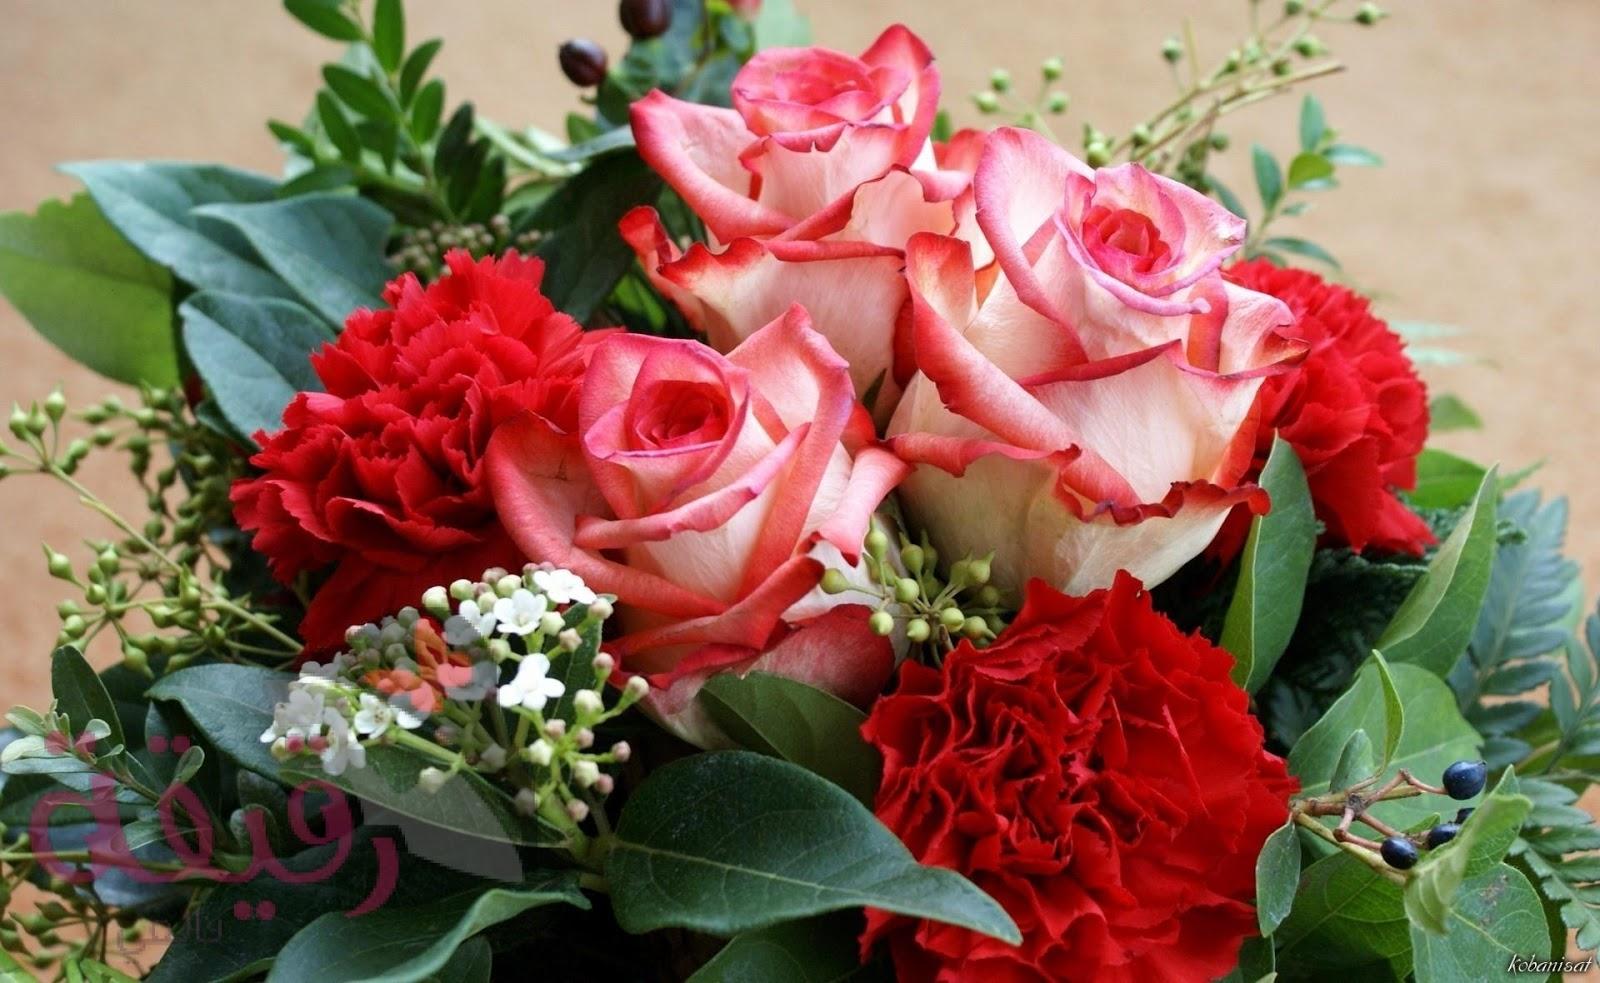 صور الورود للتصميم 4 1